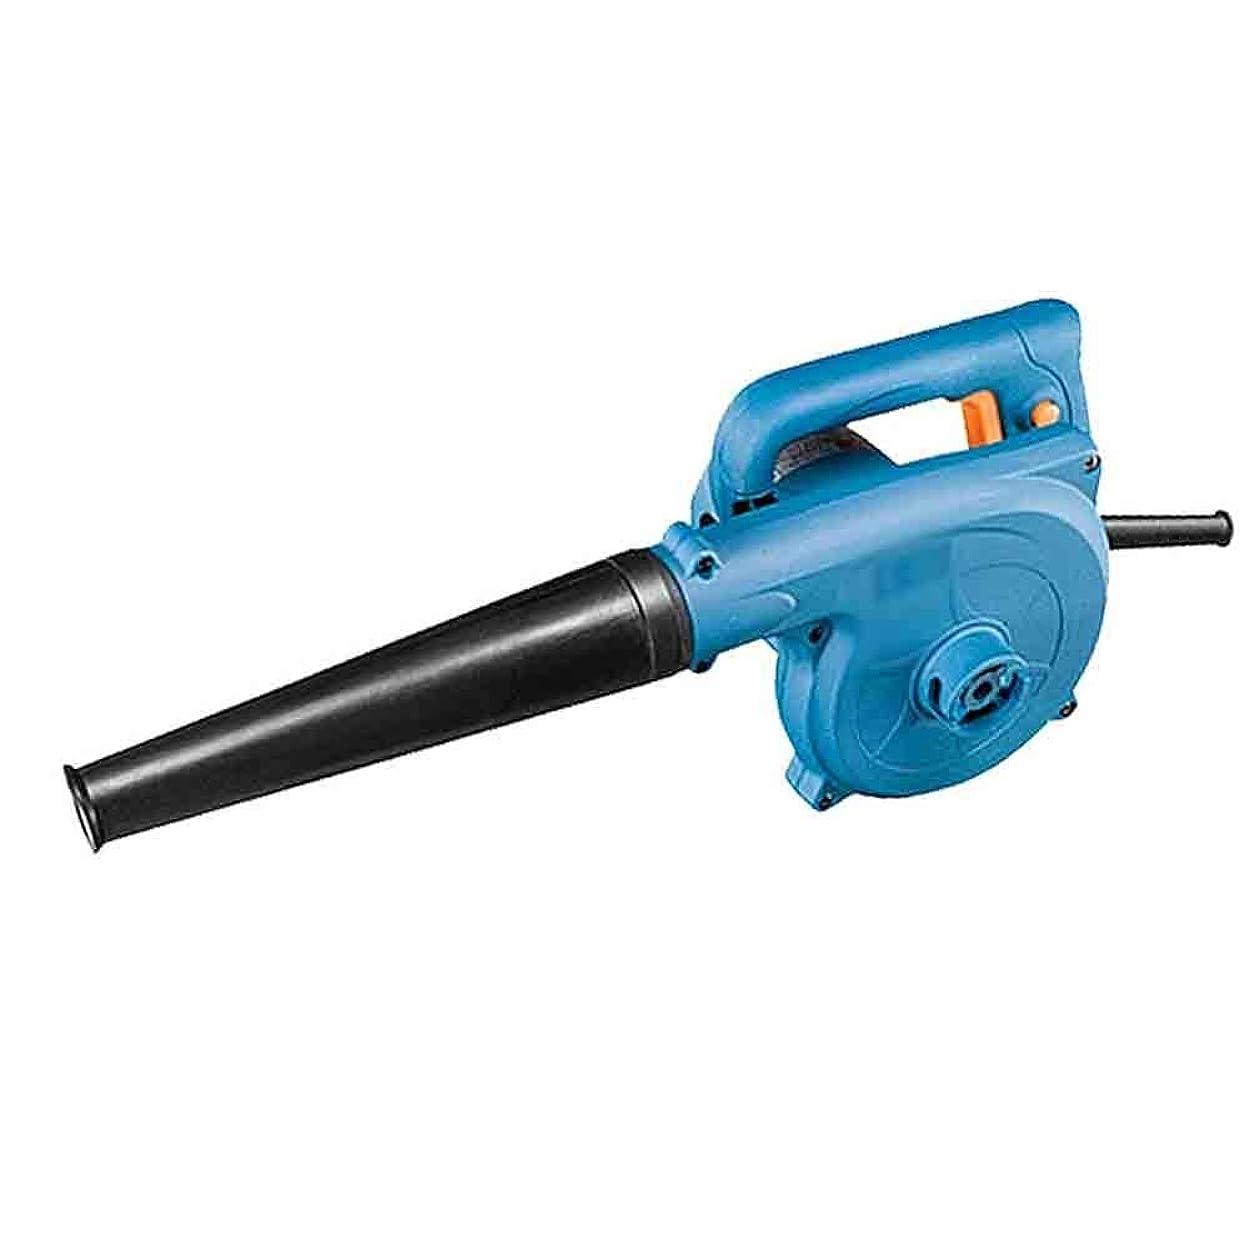 ディスコ数学的な慢性的QL 送風機、送風機、吸引デュアルユースのハイパワー電動ヘアドライヤー工業用集塵機 トロリーフブロワー (Color : Blue)